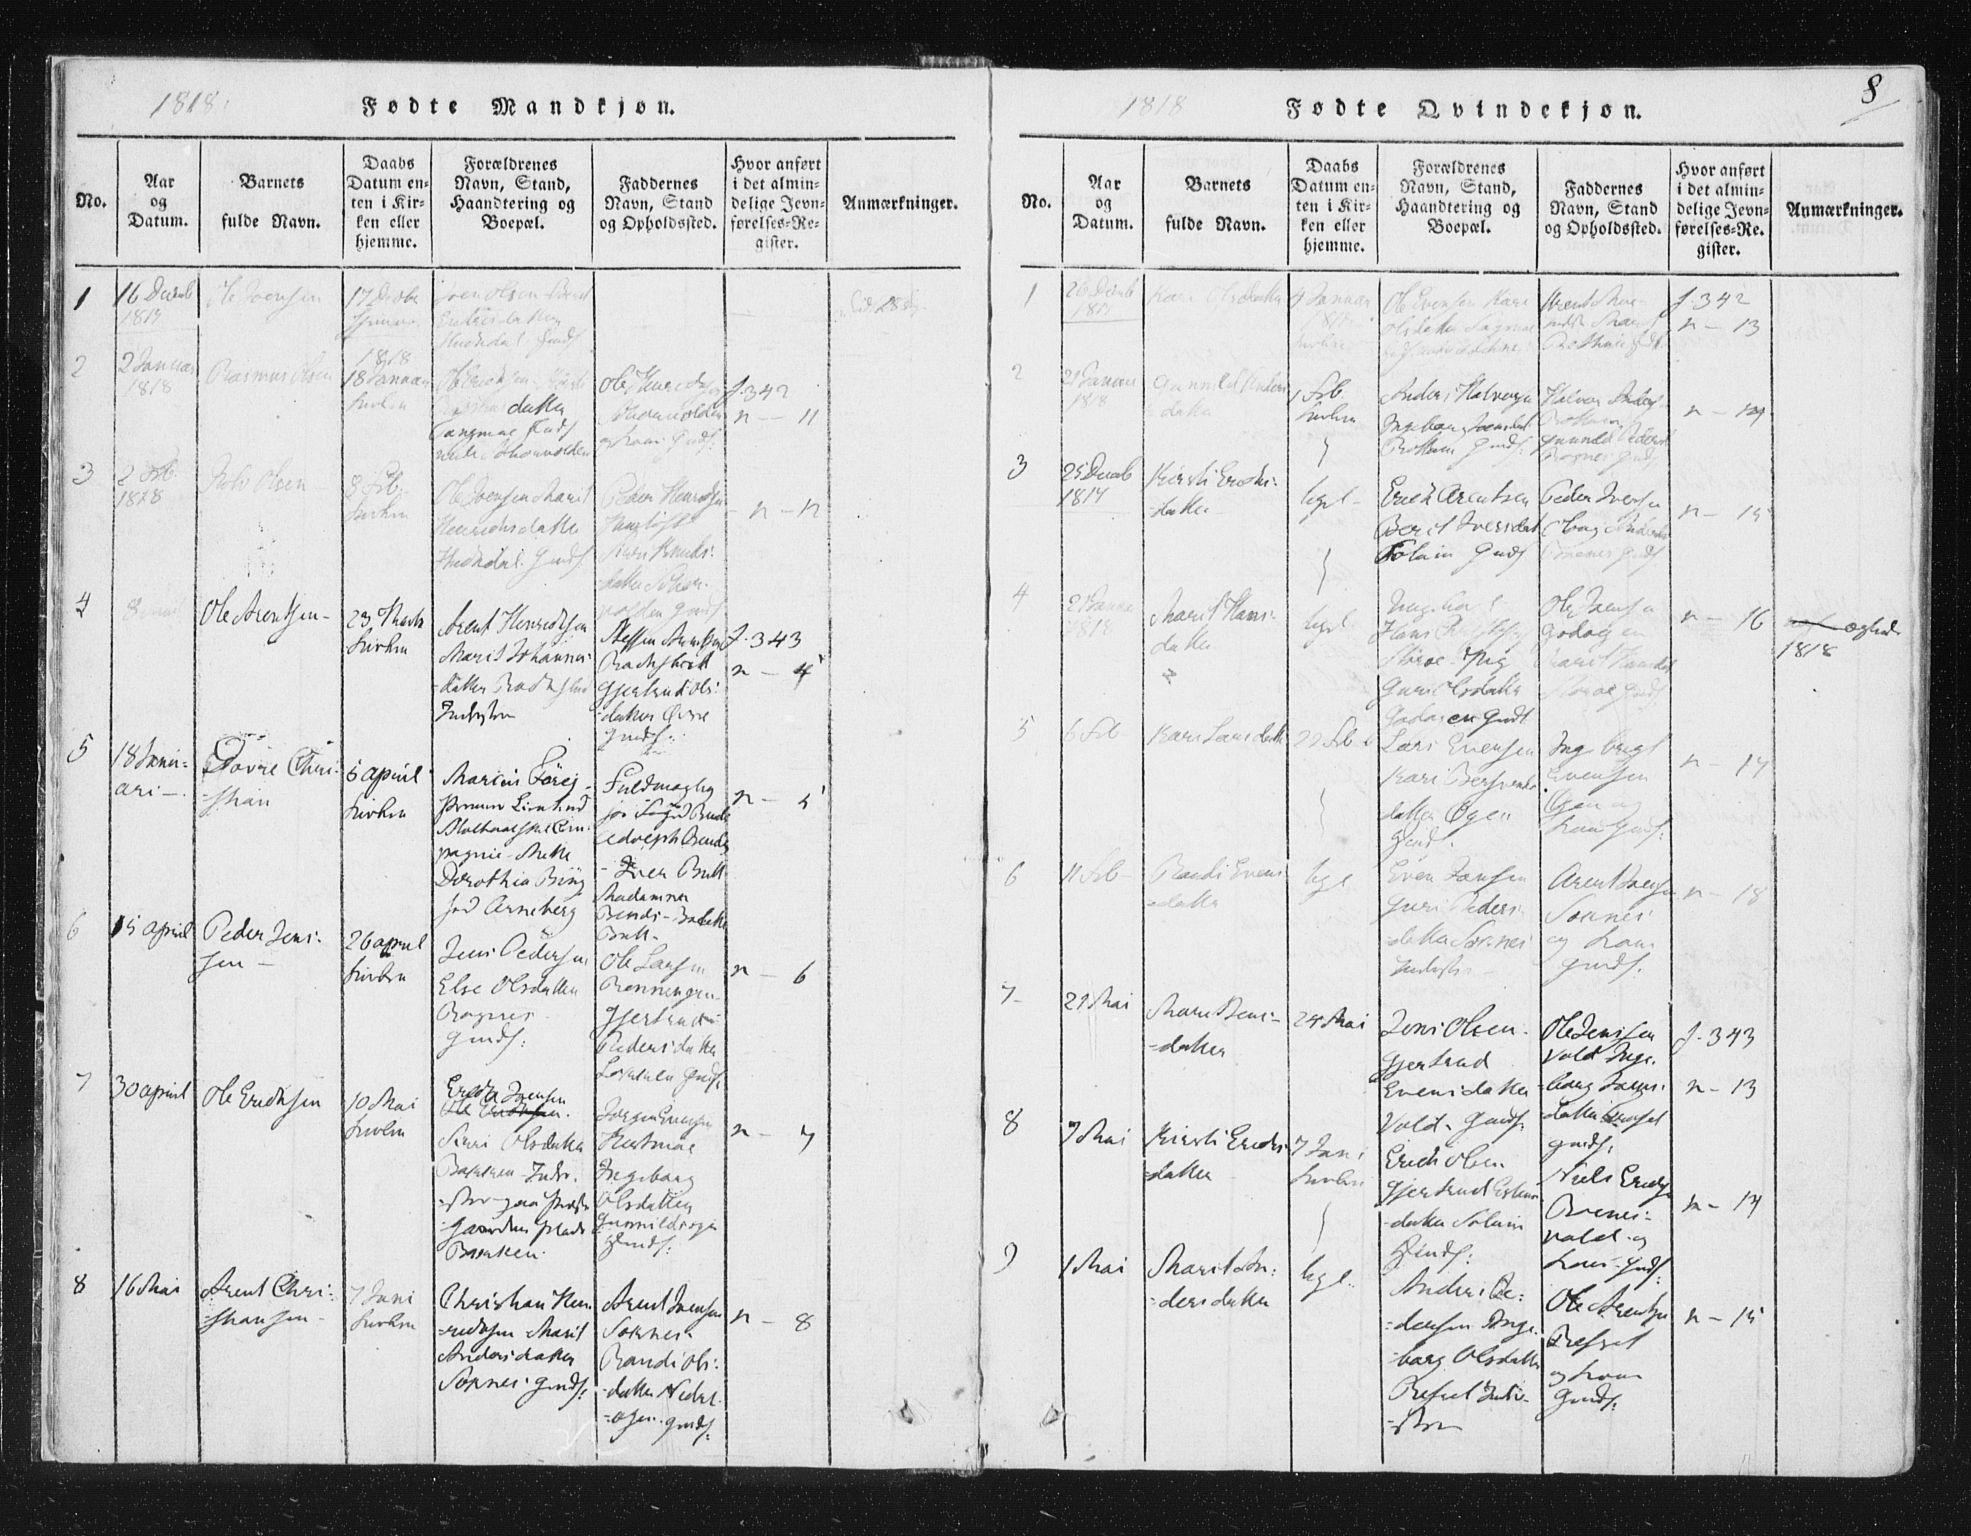 SAT, Ministerialprotokoller, klokkerbøker og fødselsregistre - Sør-Trøndelag, 687/L0996: Ministerialbok nr. 687A04, 1816-1842, s. 8